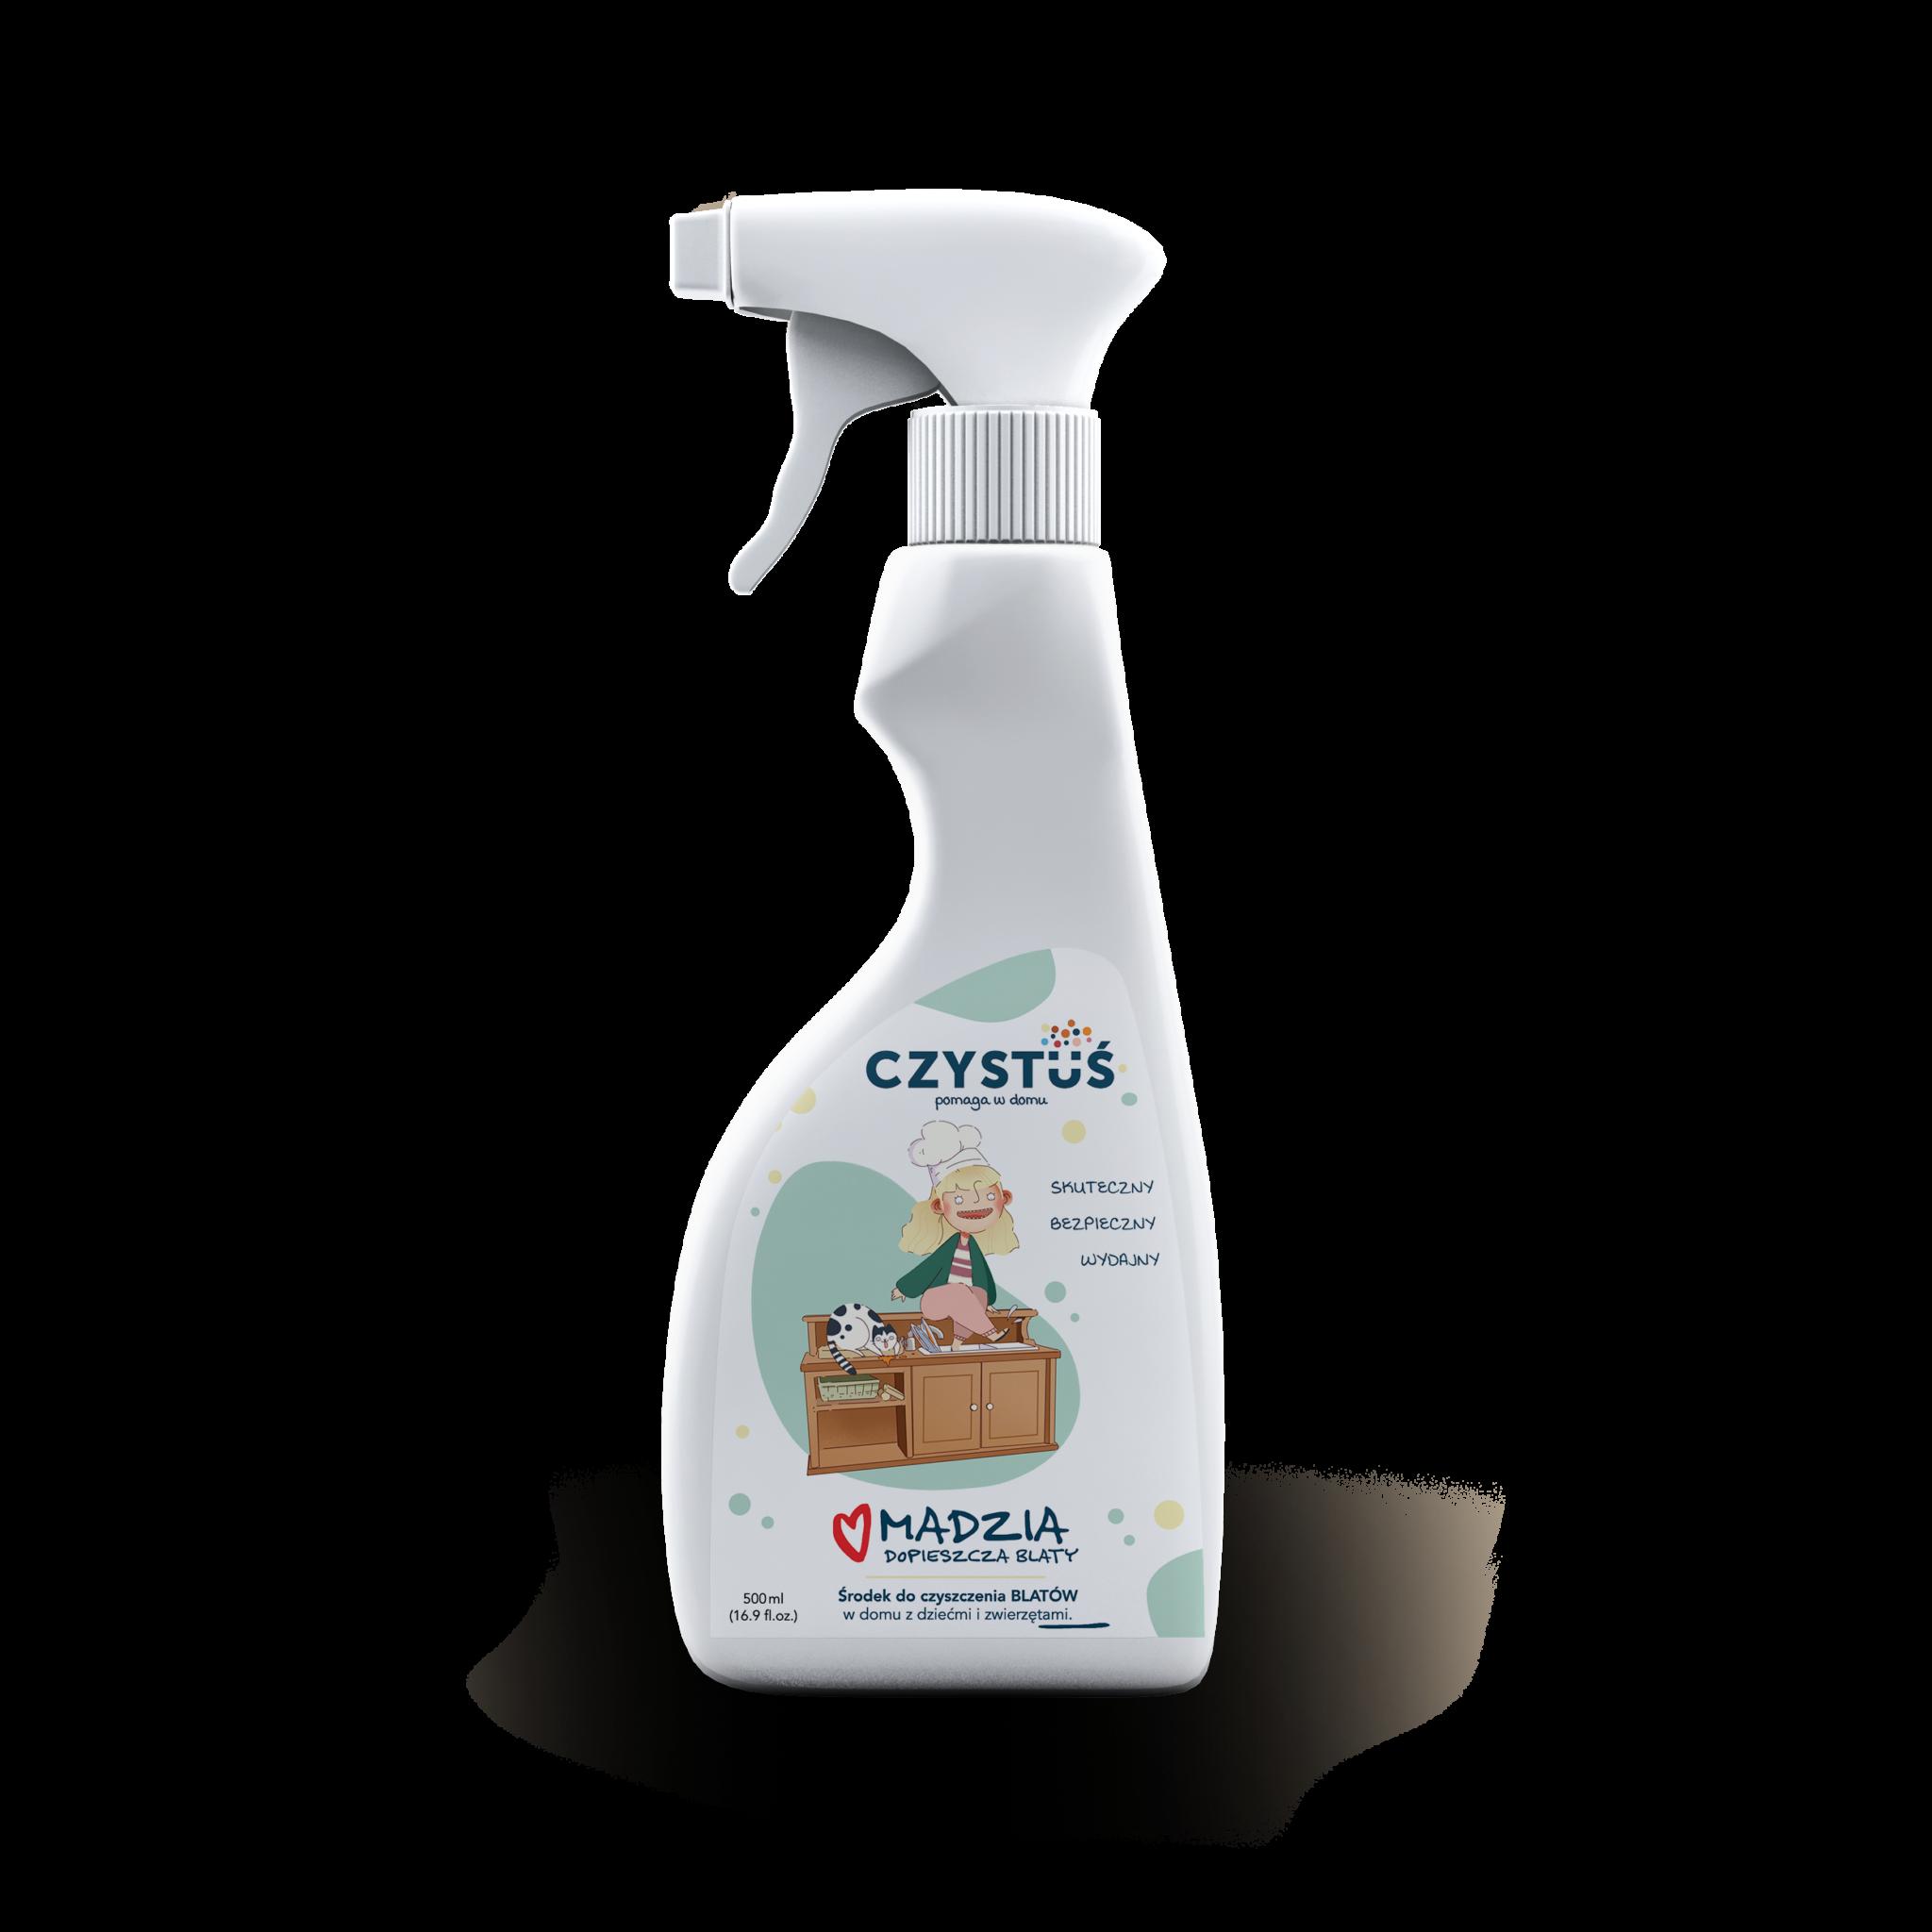 Środek do czyszczenia blatów Madzia - butelka